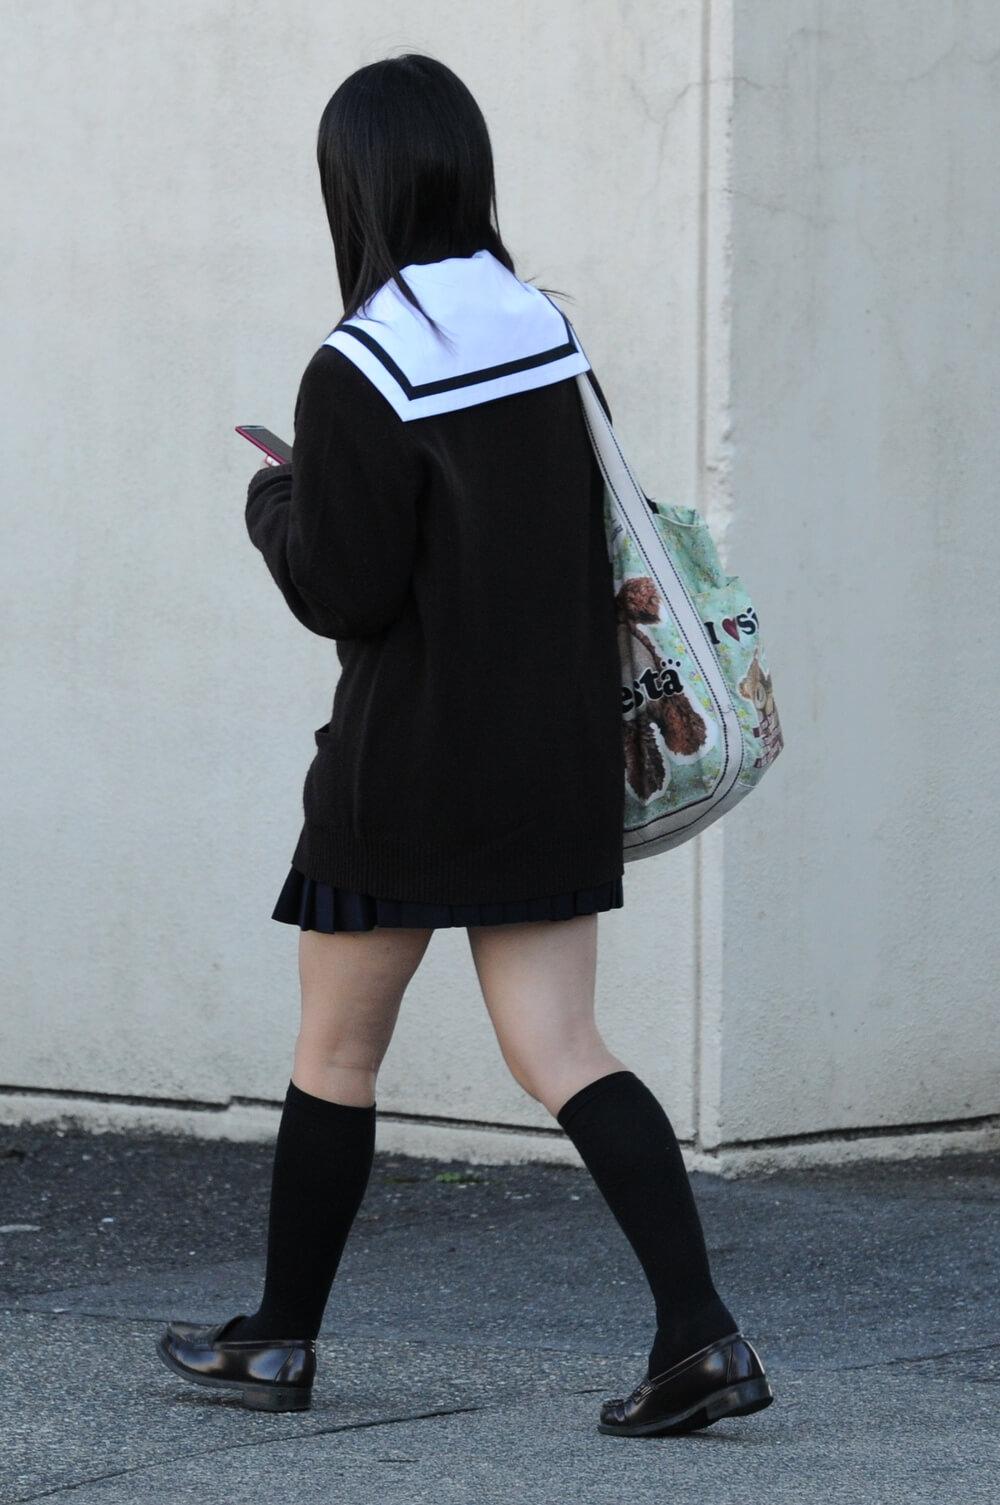 【画像】ちょっとコスプレ感が出る待撮りセーラー服女子高生